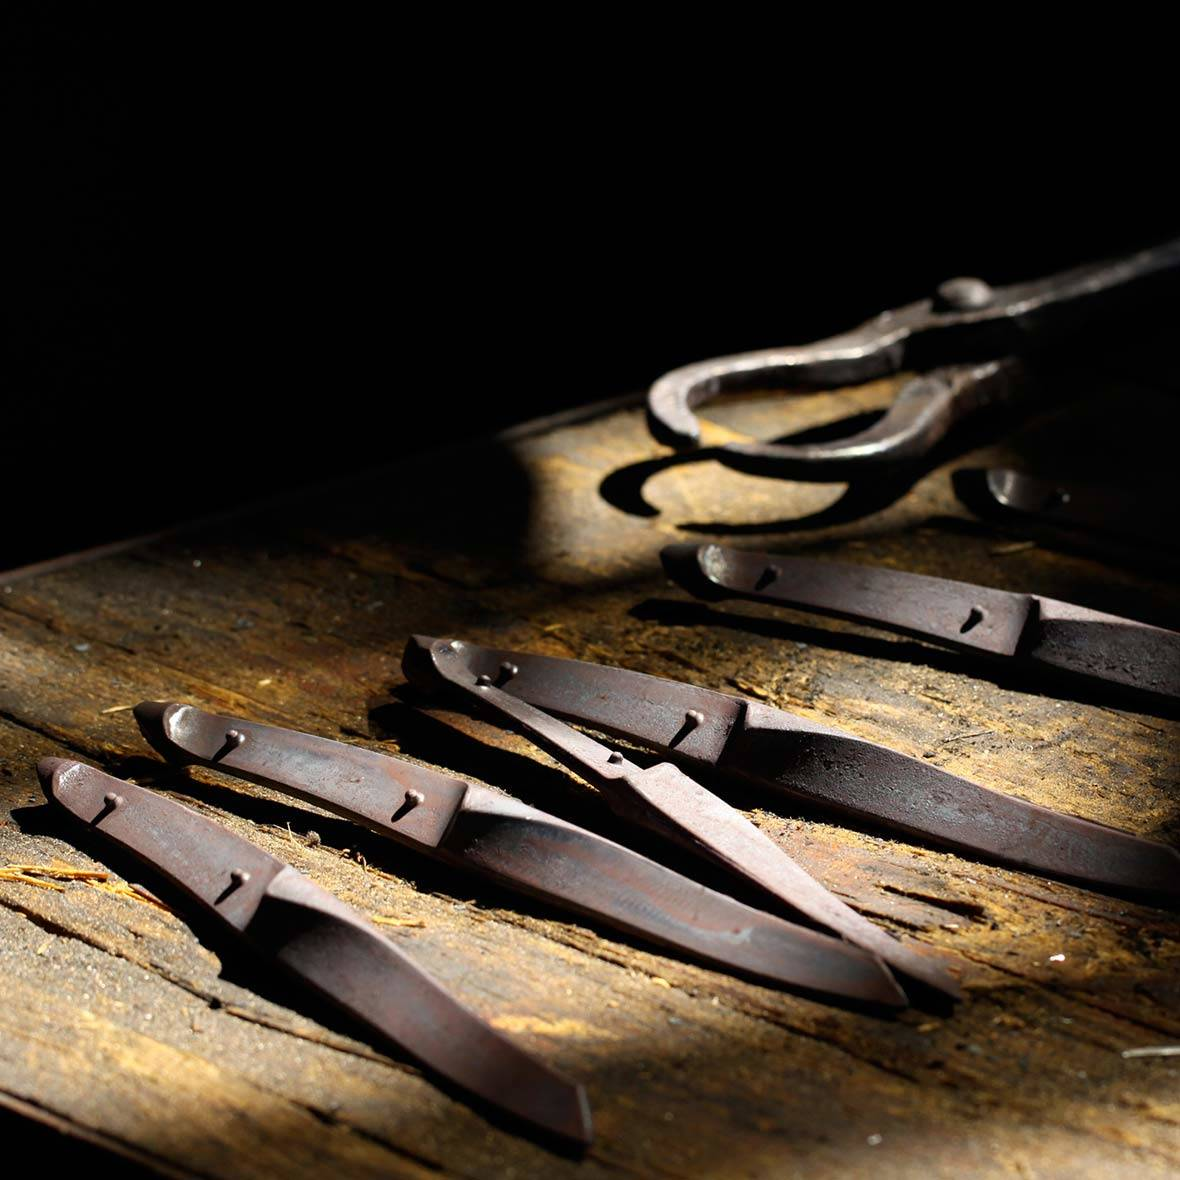 Sknife Messer Chirurgenstahl